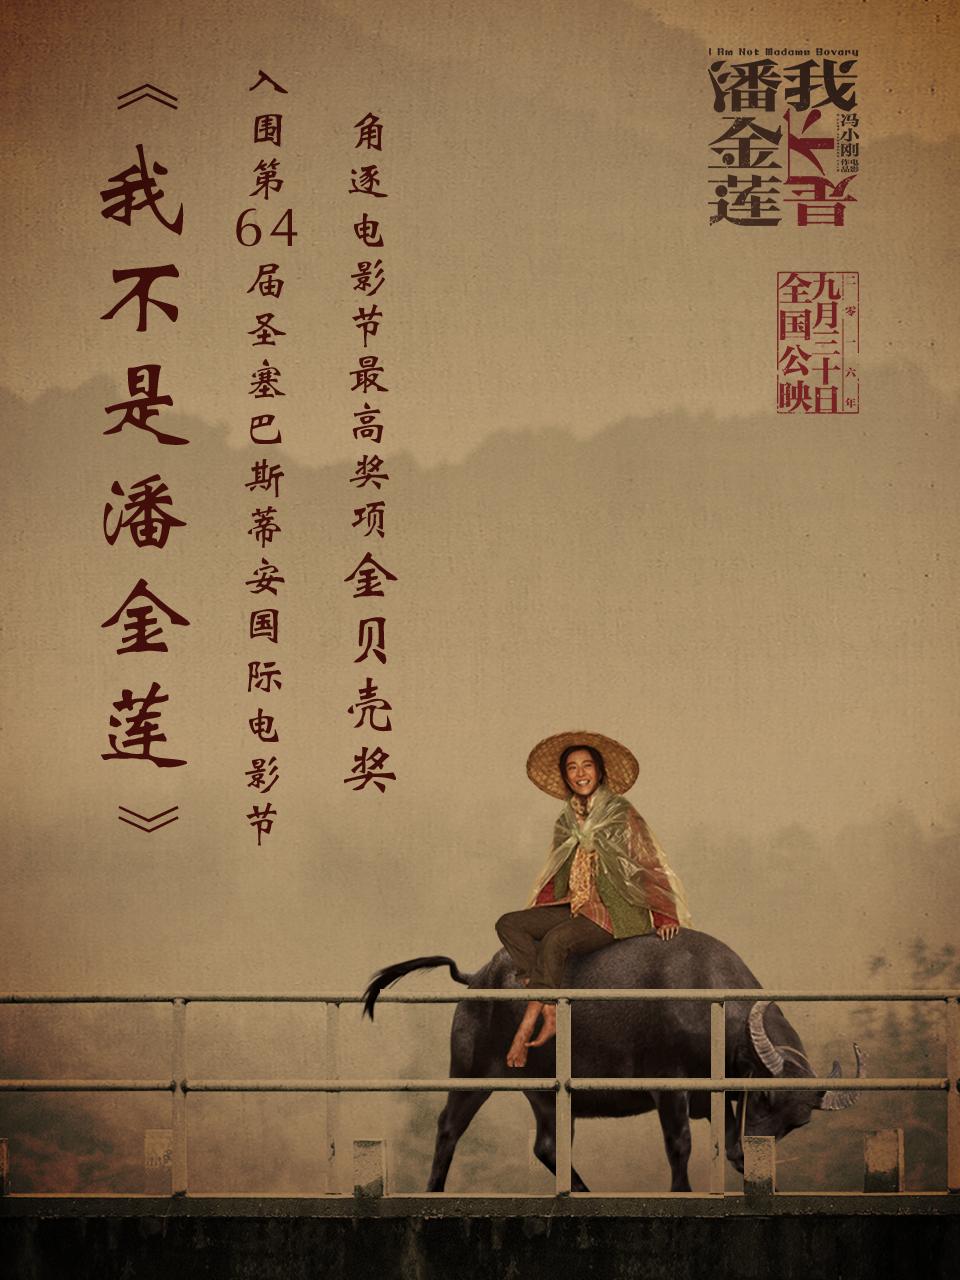 冯小刚新作《我不是潘金莲》入围国际电影节